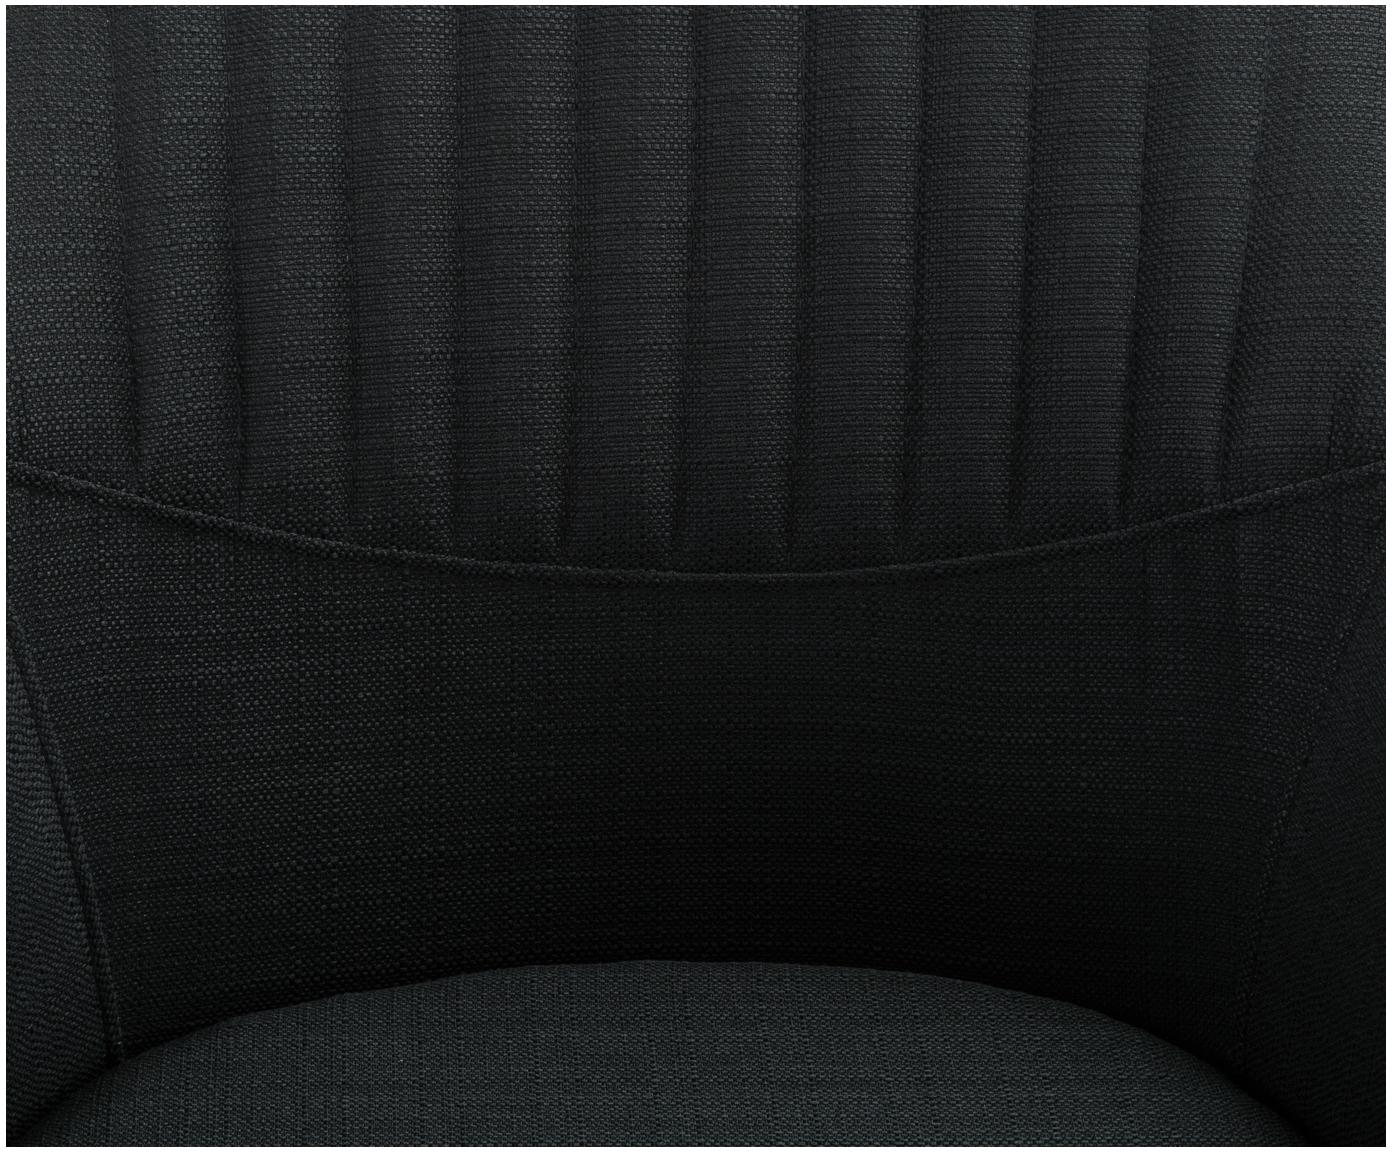 Silla giratoria con reposabrazos tapizada Lola, Tapizado: poliéster, Patas: metal con pintura en polv, Negro, An 55 x F 52 cm